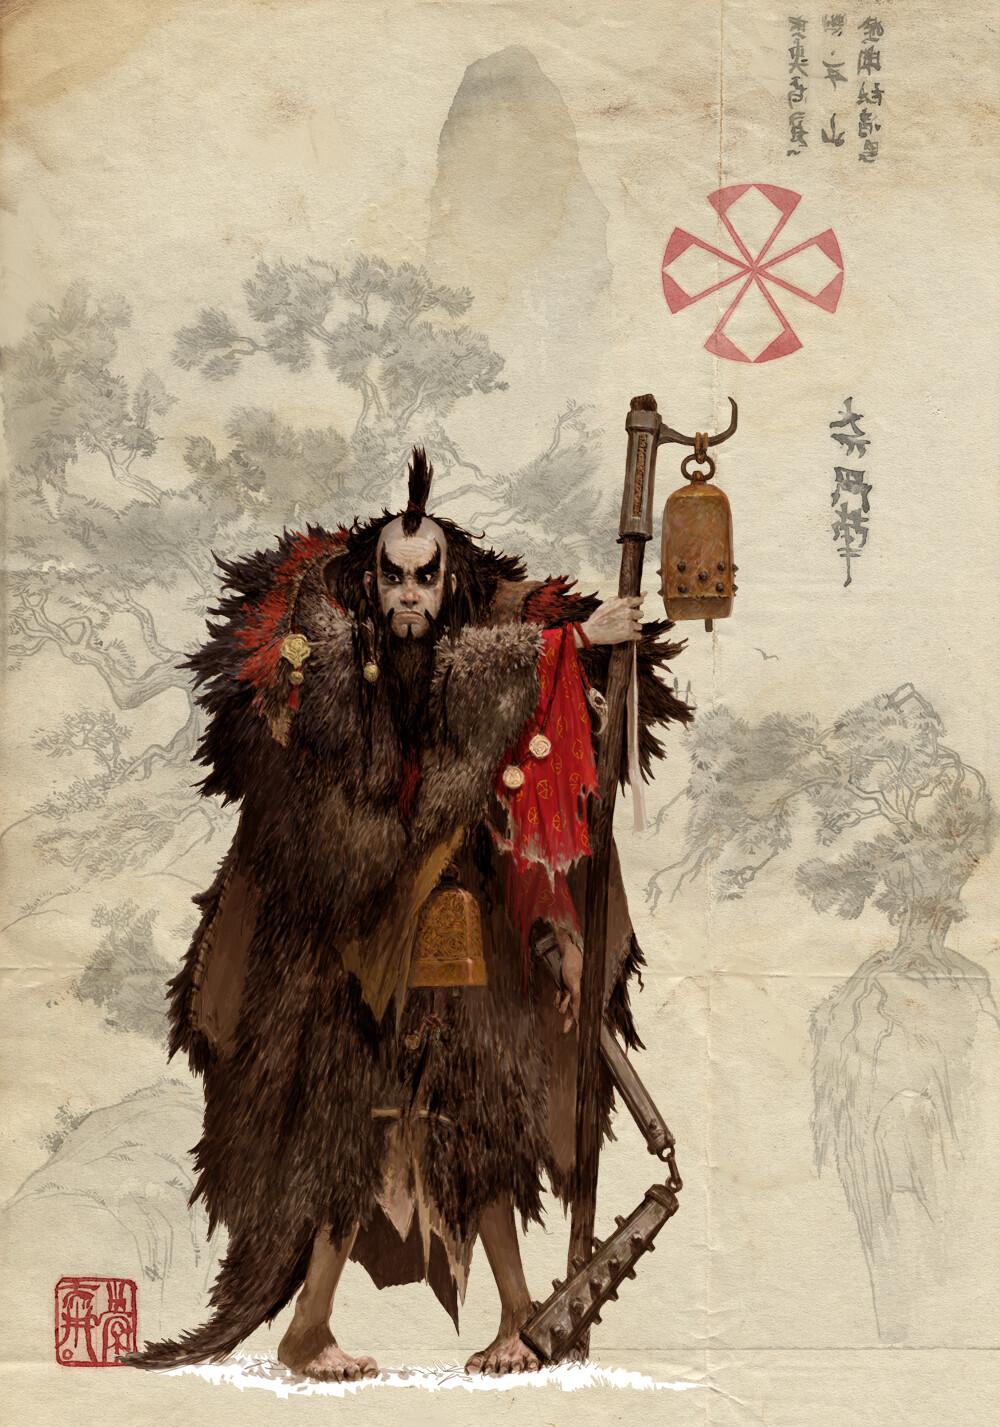 Adrian smith monk clan3